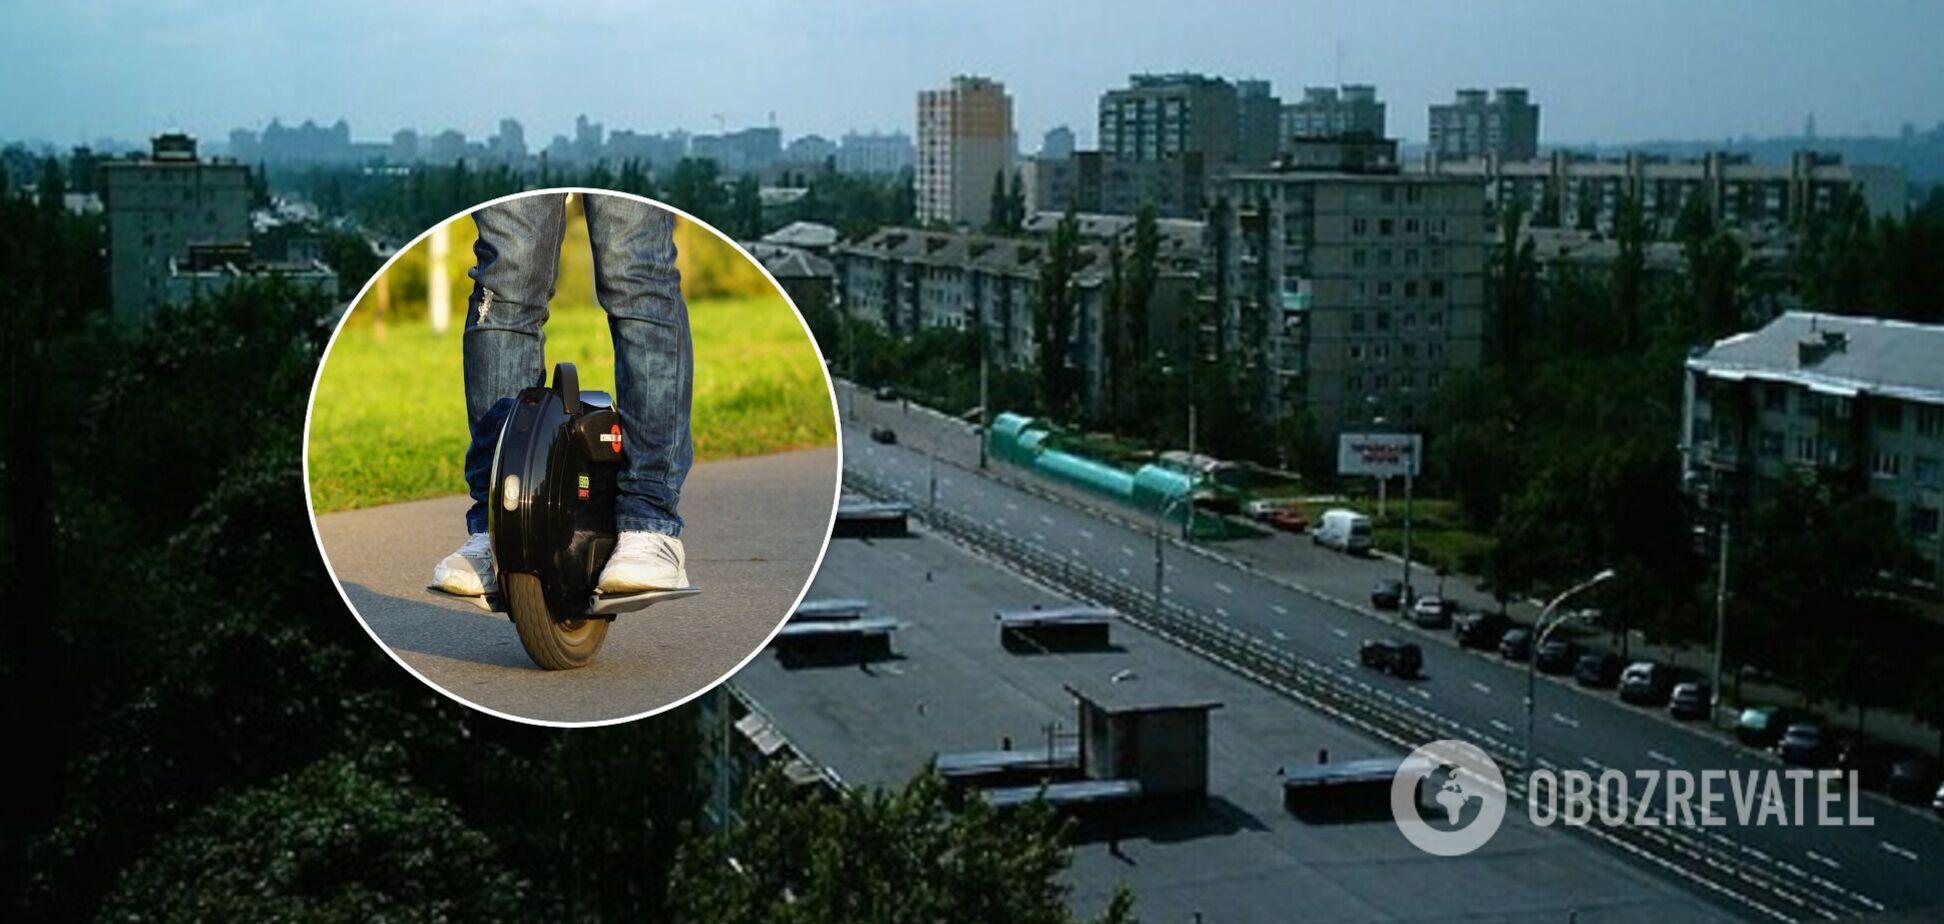 В Киеве мужчина на моноколесе разогнался до 60 км в час: мчал быстрее авто. Видео